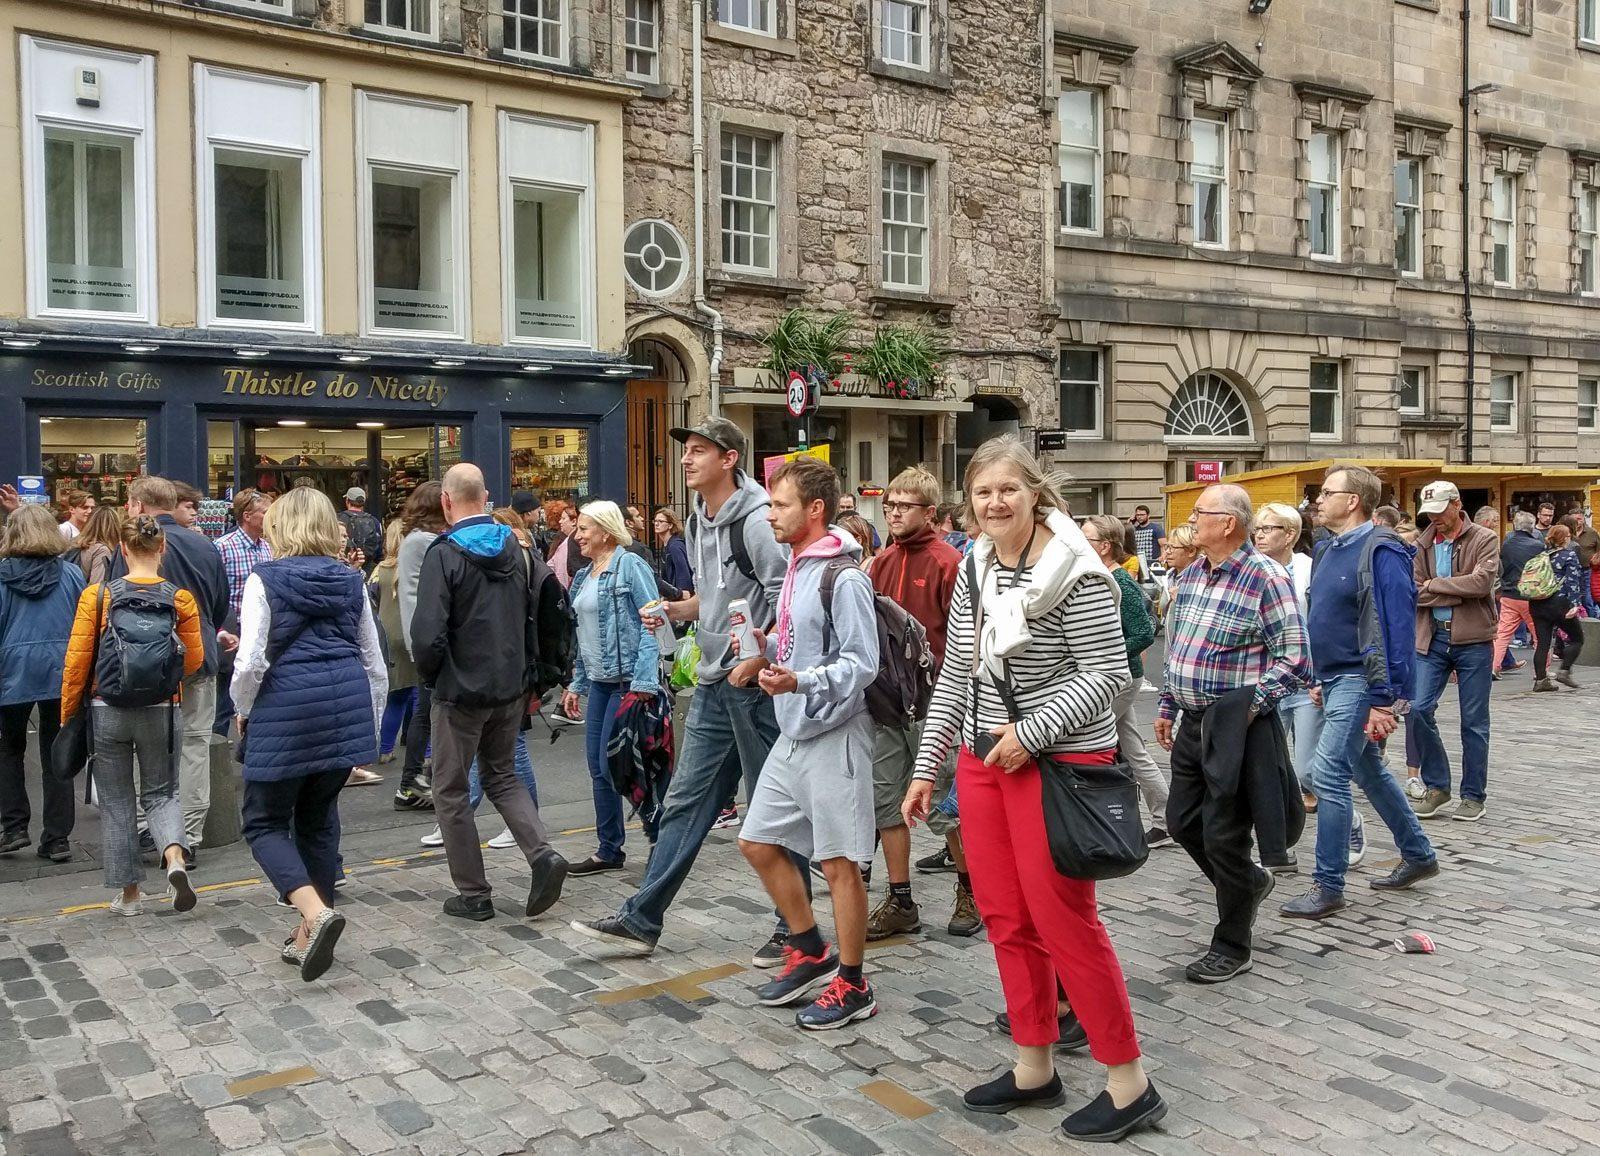 Edinburgh The Royal Mile